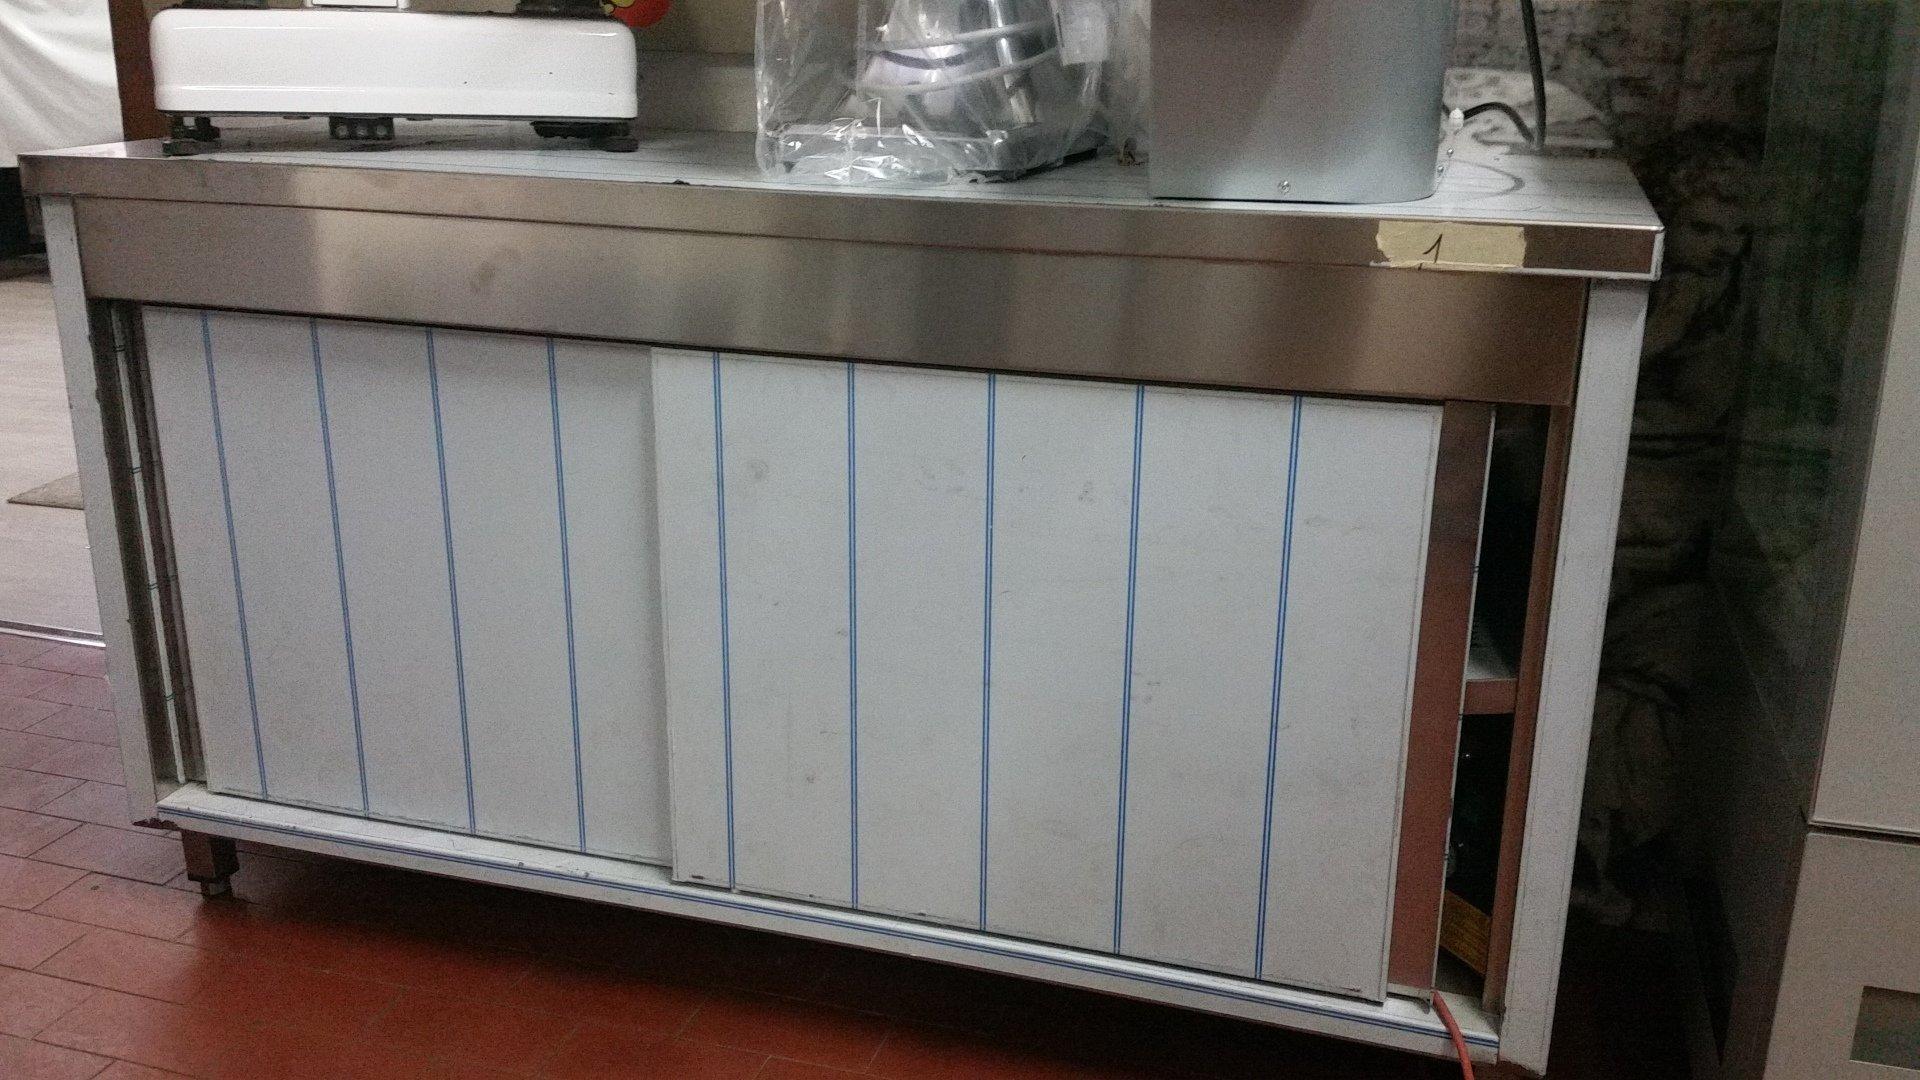 Cucine Professionali Usate Roma.Macchine Da Cucina Usate Gallarate Varese Proteo 2